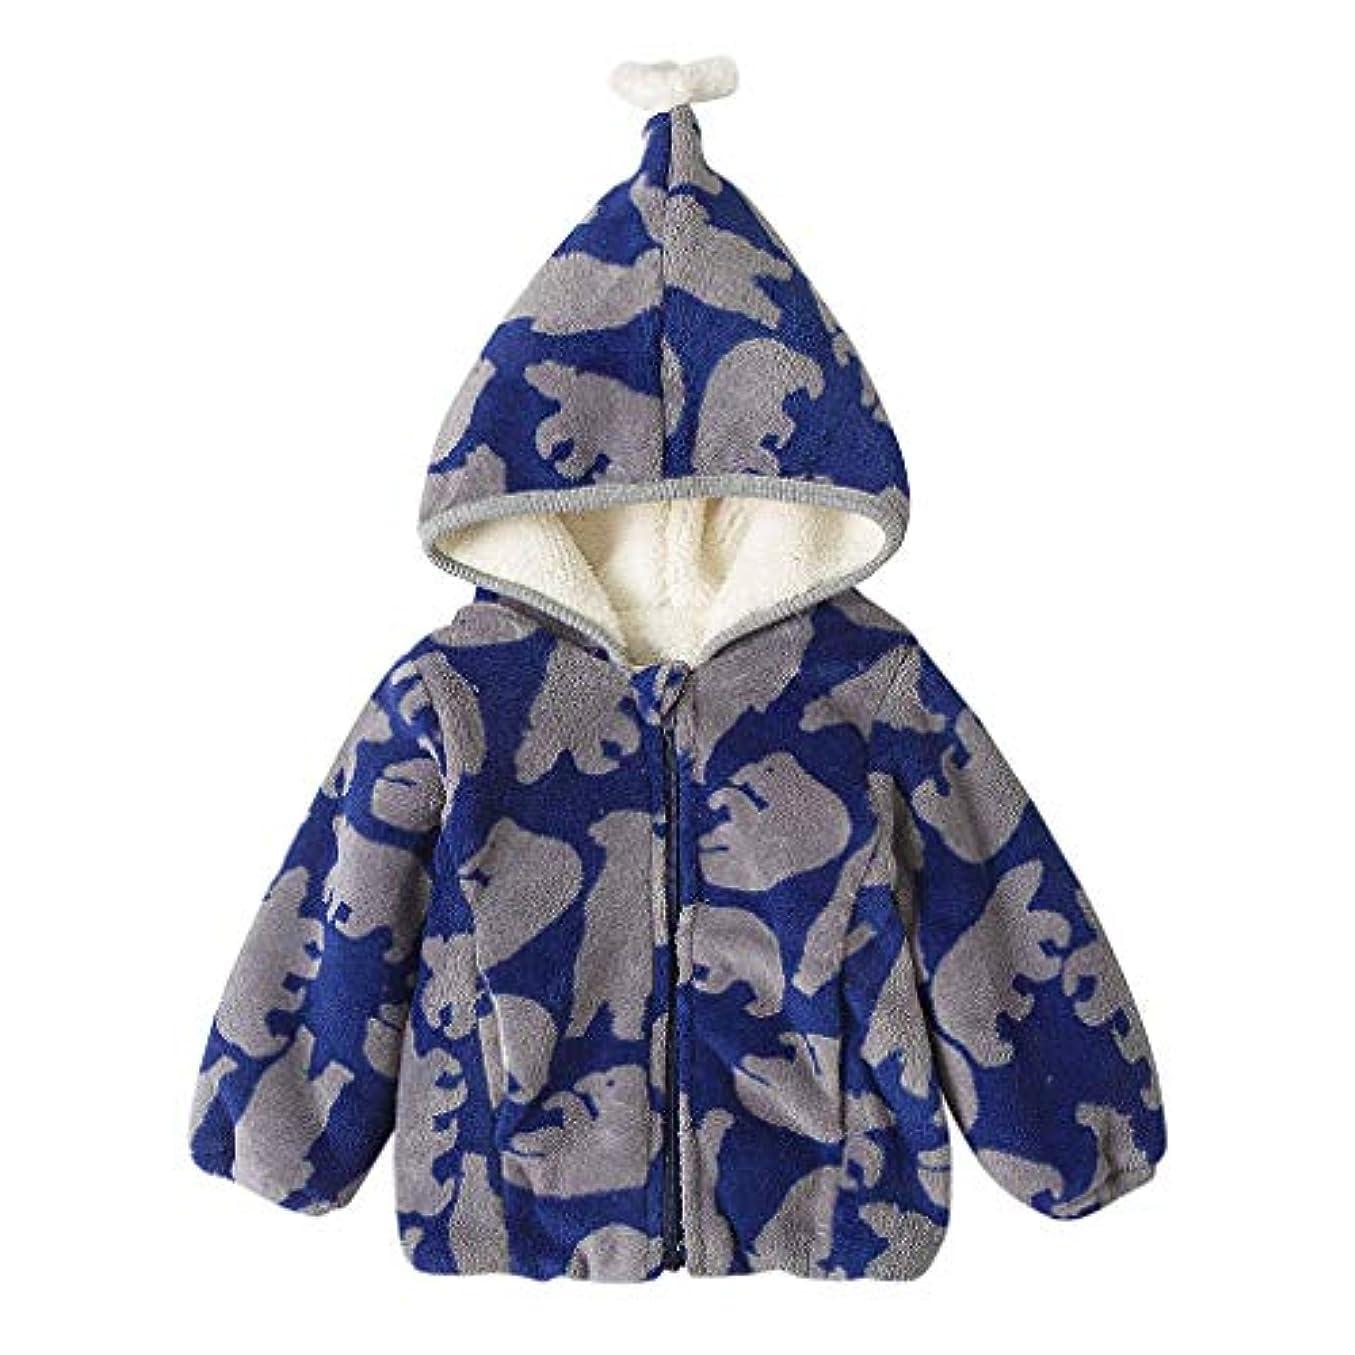 リネン禁じるクモかわいい柄あたたかい男の子女の子赤ちゃん冬コートジャケット子供ジップ厚いスノースーツパーカーオーバーコート屋外かわいいルースソフト快適なブラウストップス